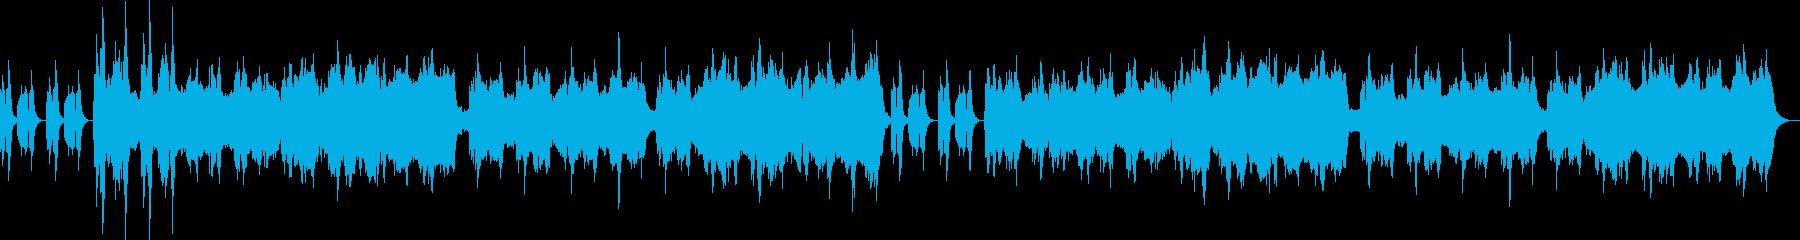 低音ストリングスとスネア刻み不穏なBGMの再生済みの波形